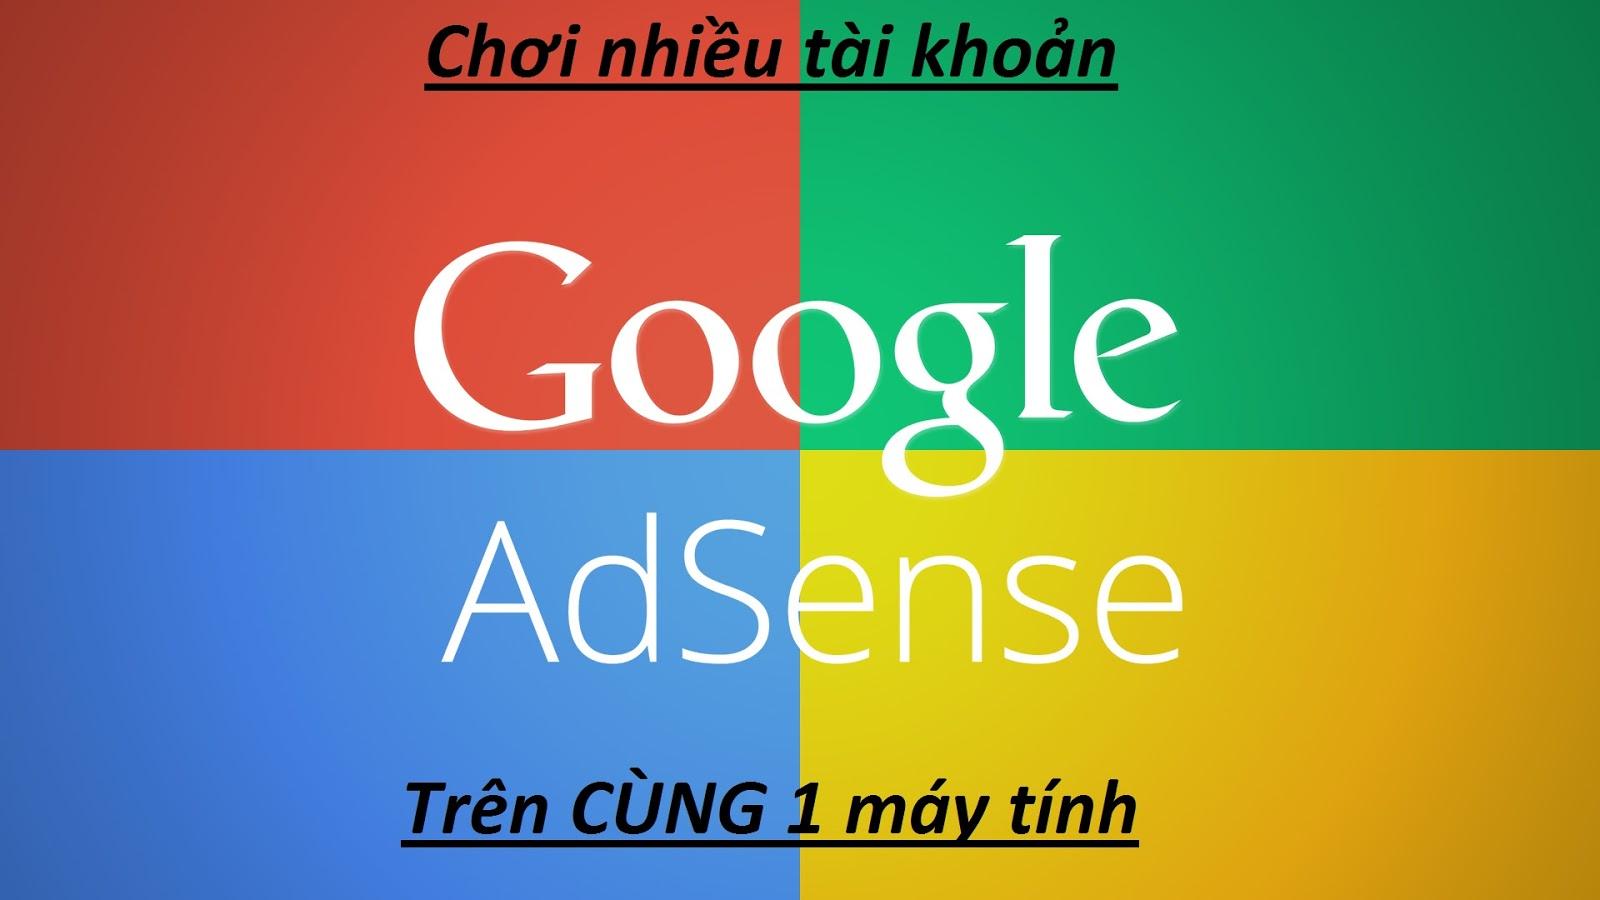 Máy Ảo VMware Đăng Nhập 100 Tài Khoản Google Adsense Cùng Một Máy Tính